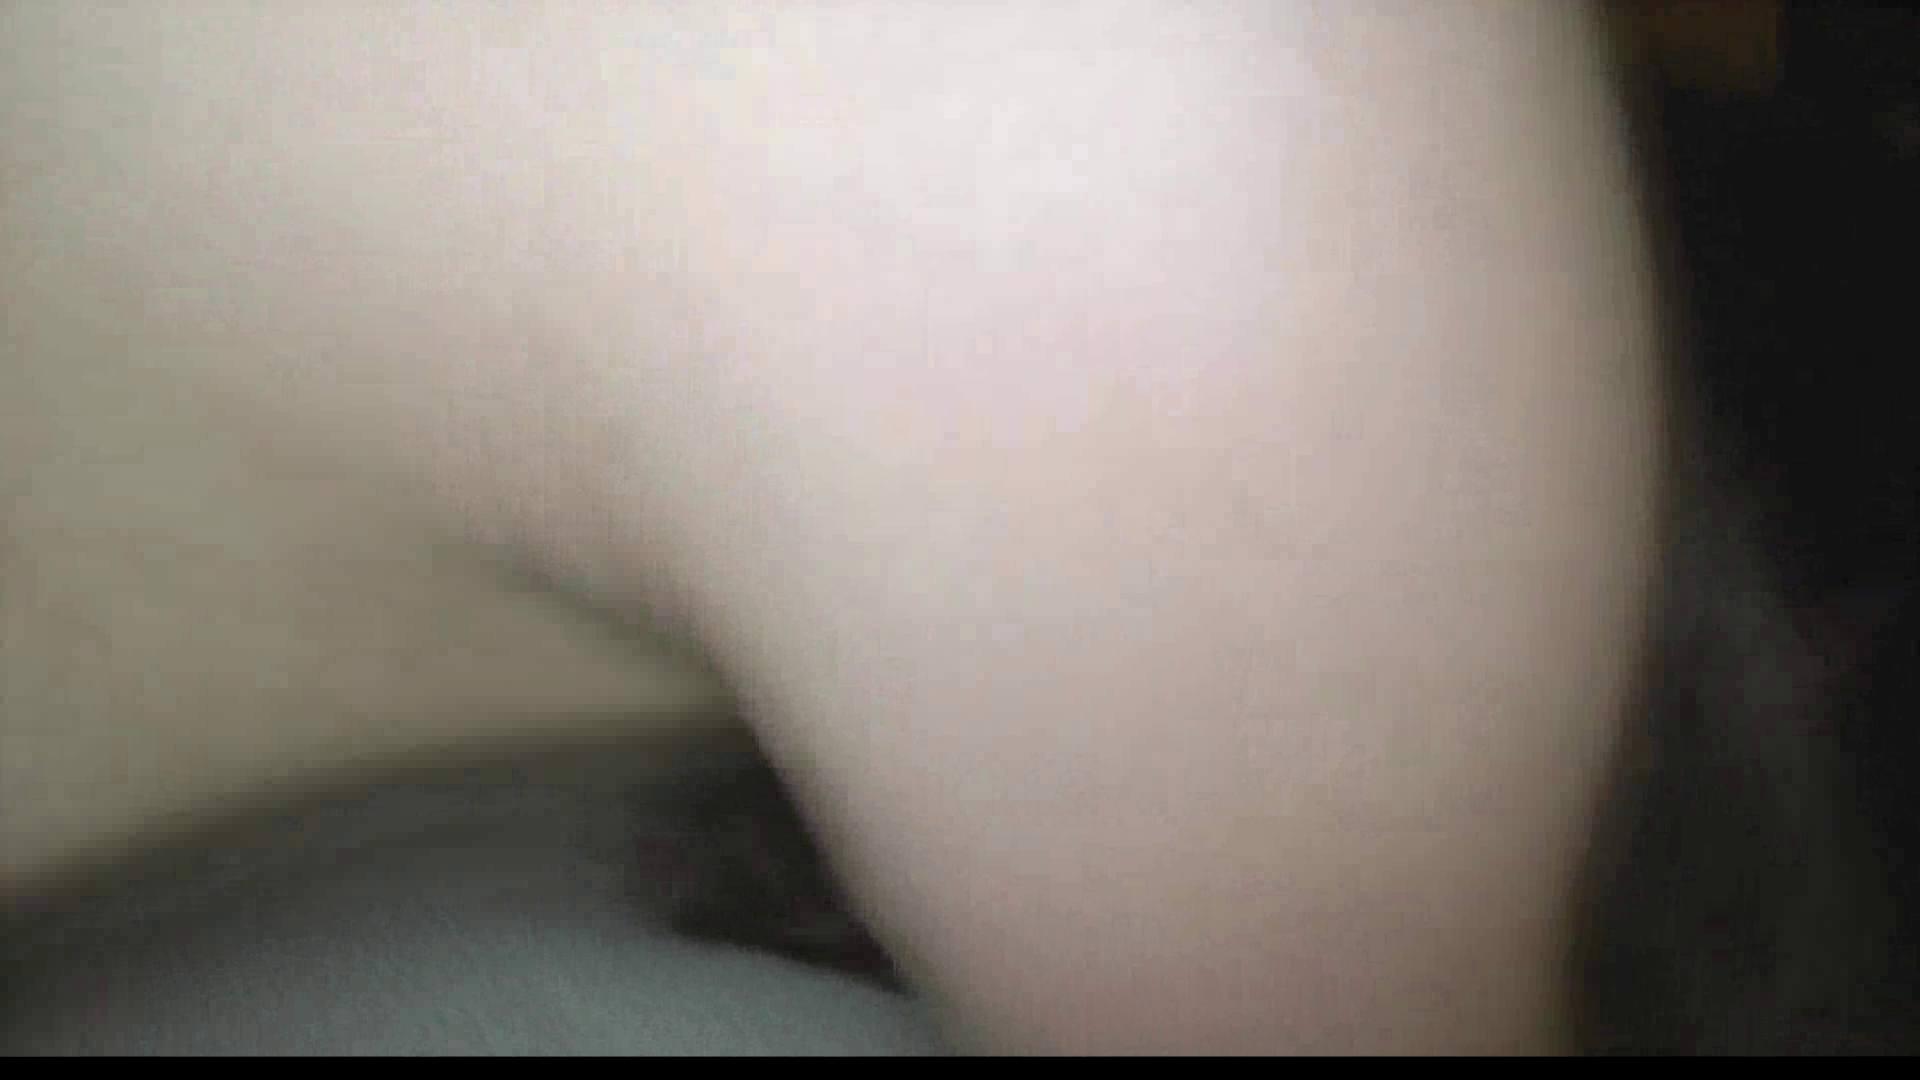 ハメ撮り天国 Vol.25 OL  82pic 66